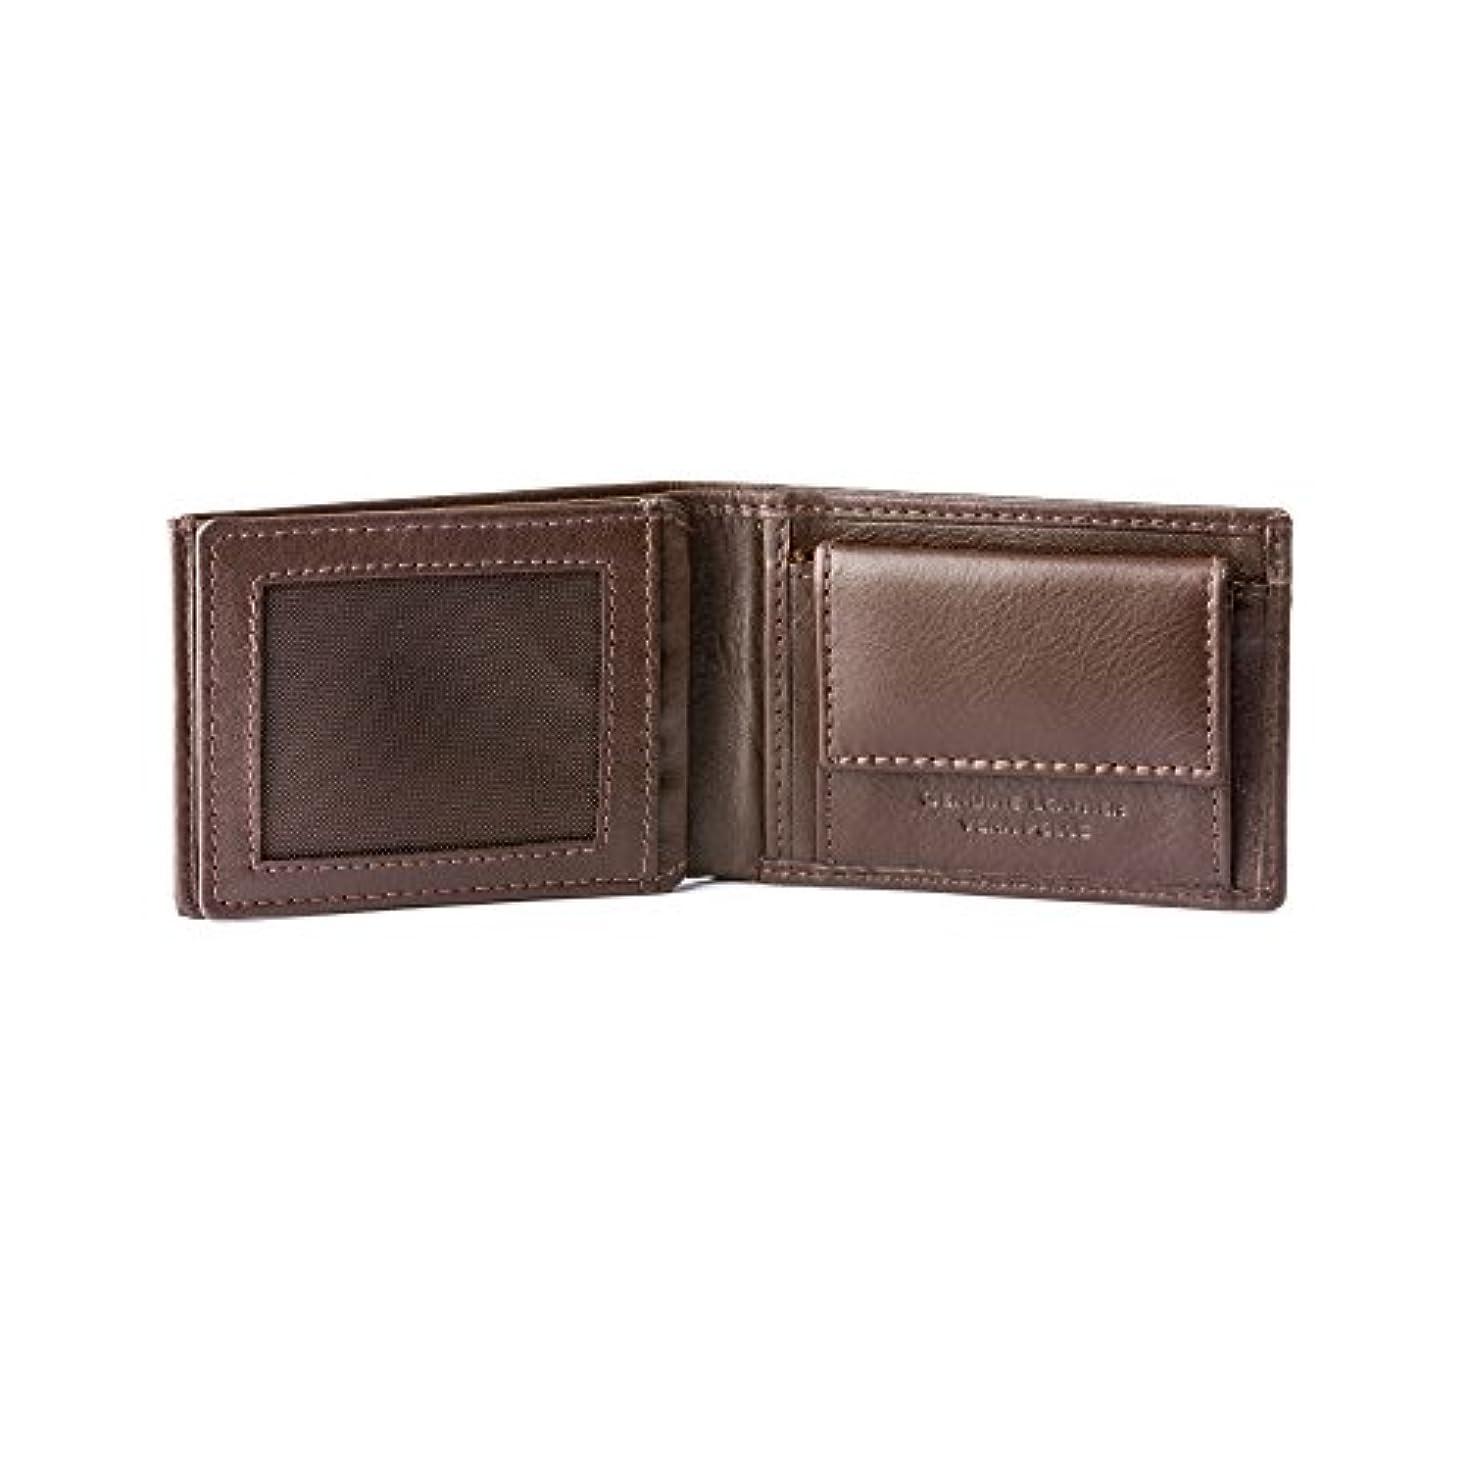 侵略送金所持D&V メンズ US サイズ: One size fits all カラー: ブラウン